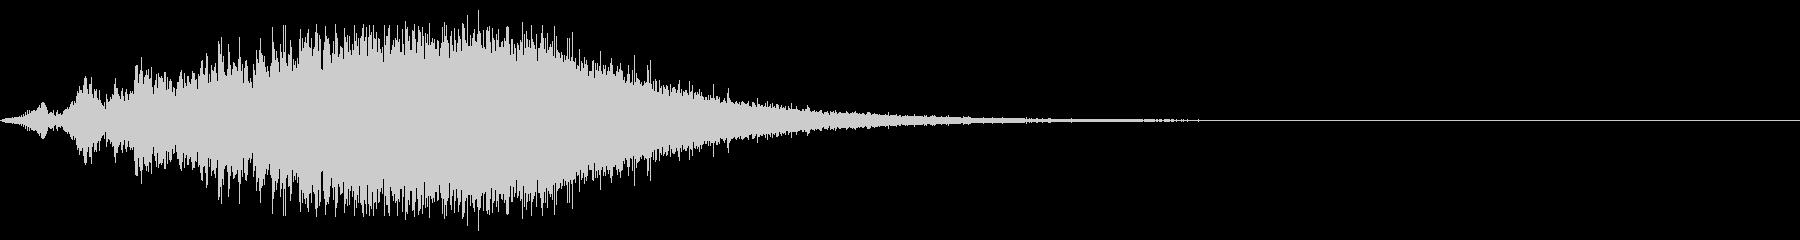 Dark_SweepUp-02Delayの未再生の波形